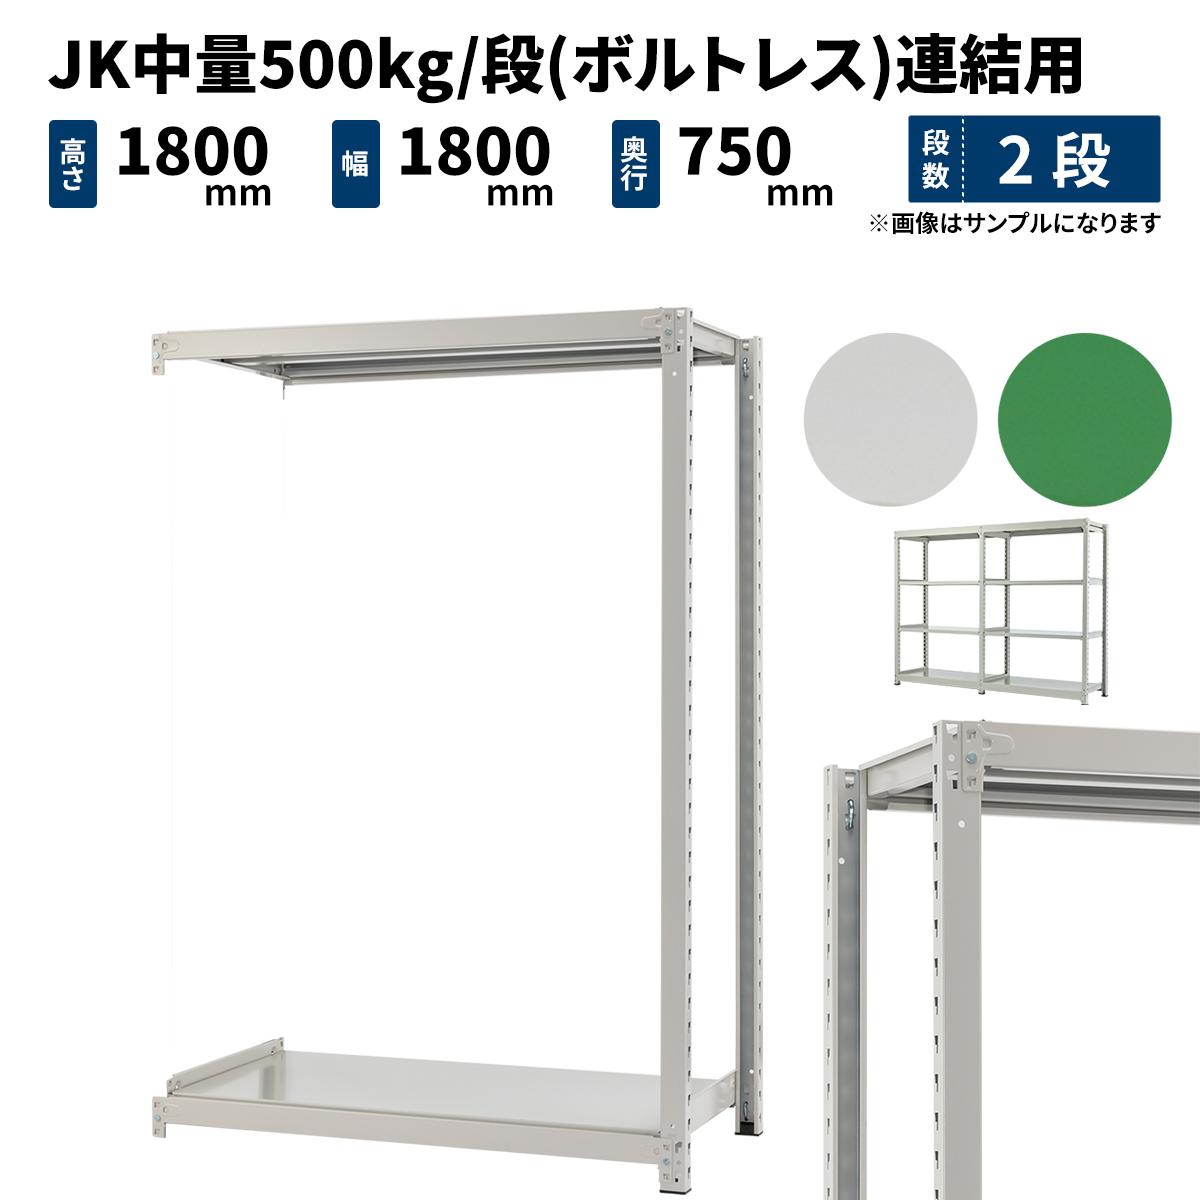 スチールラック 業務用 JK中量500kg/段(ボルトレス) 連結形式 高さ1800×幅1800×奥行750mm 2段 ホワイトグレー/グリーン (62kg) JK500_R-181875-2